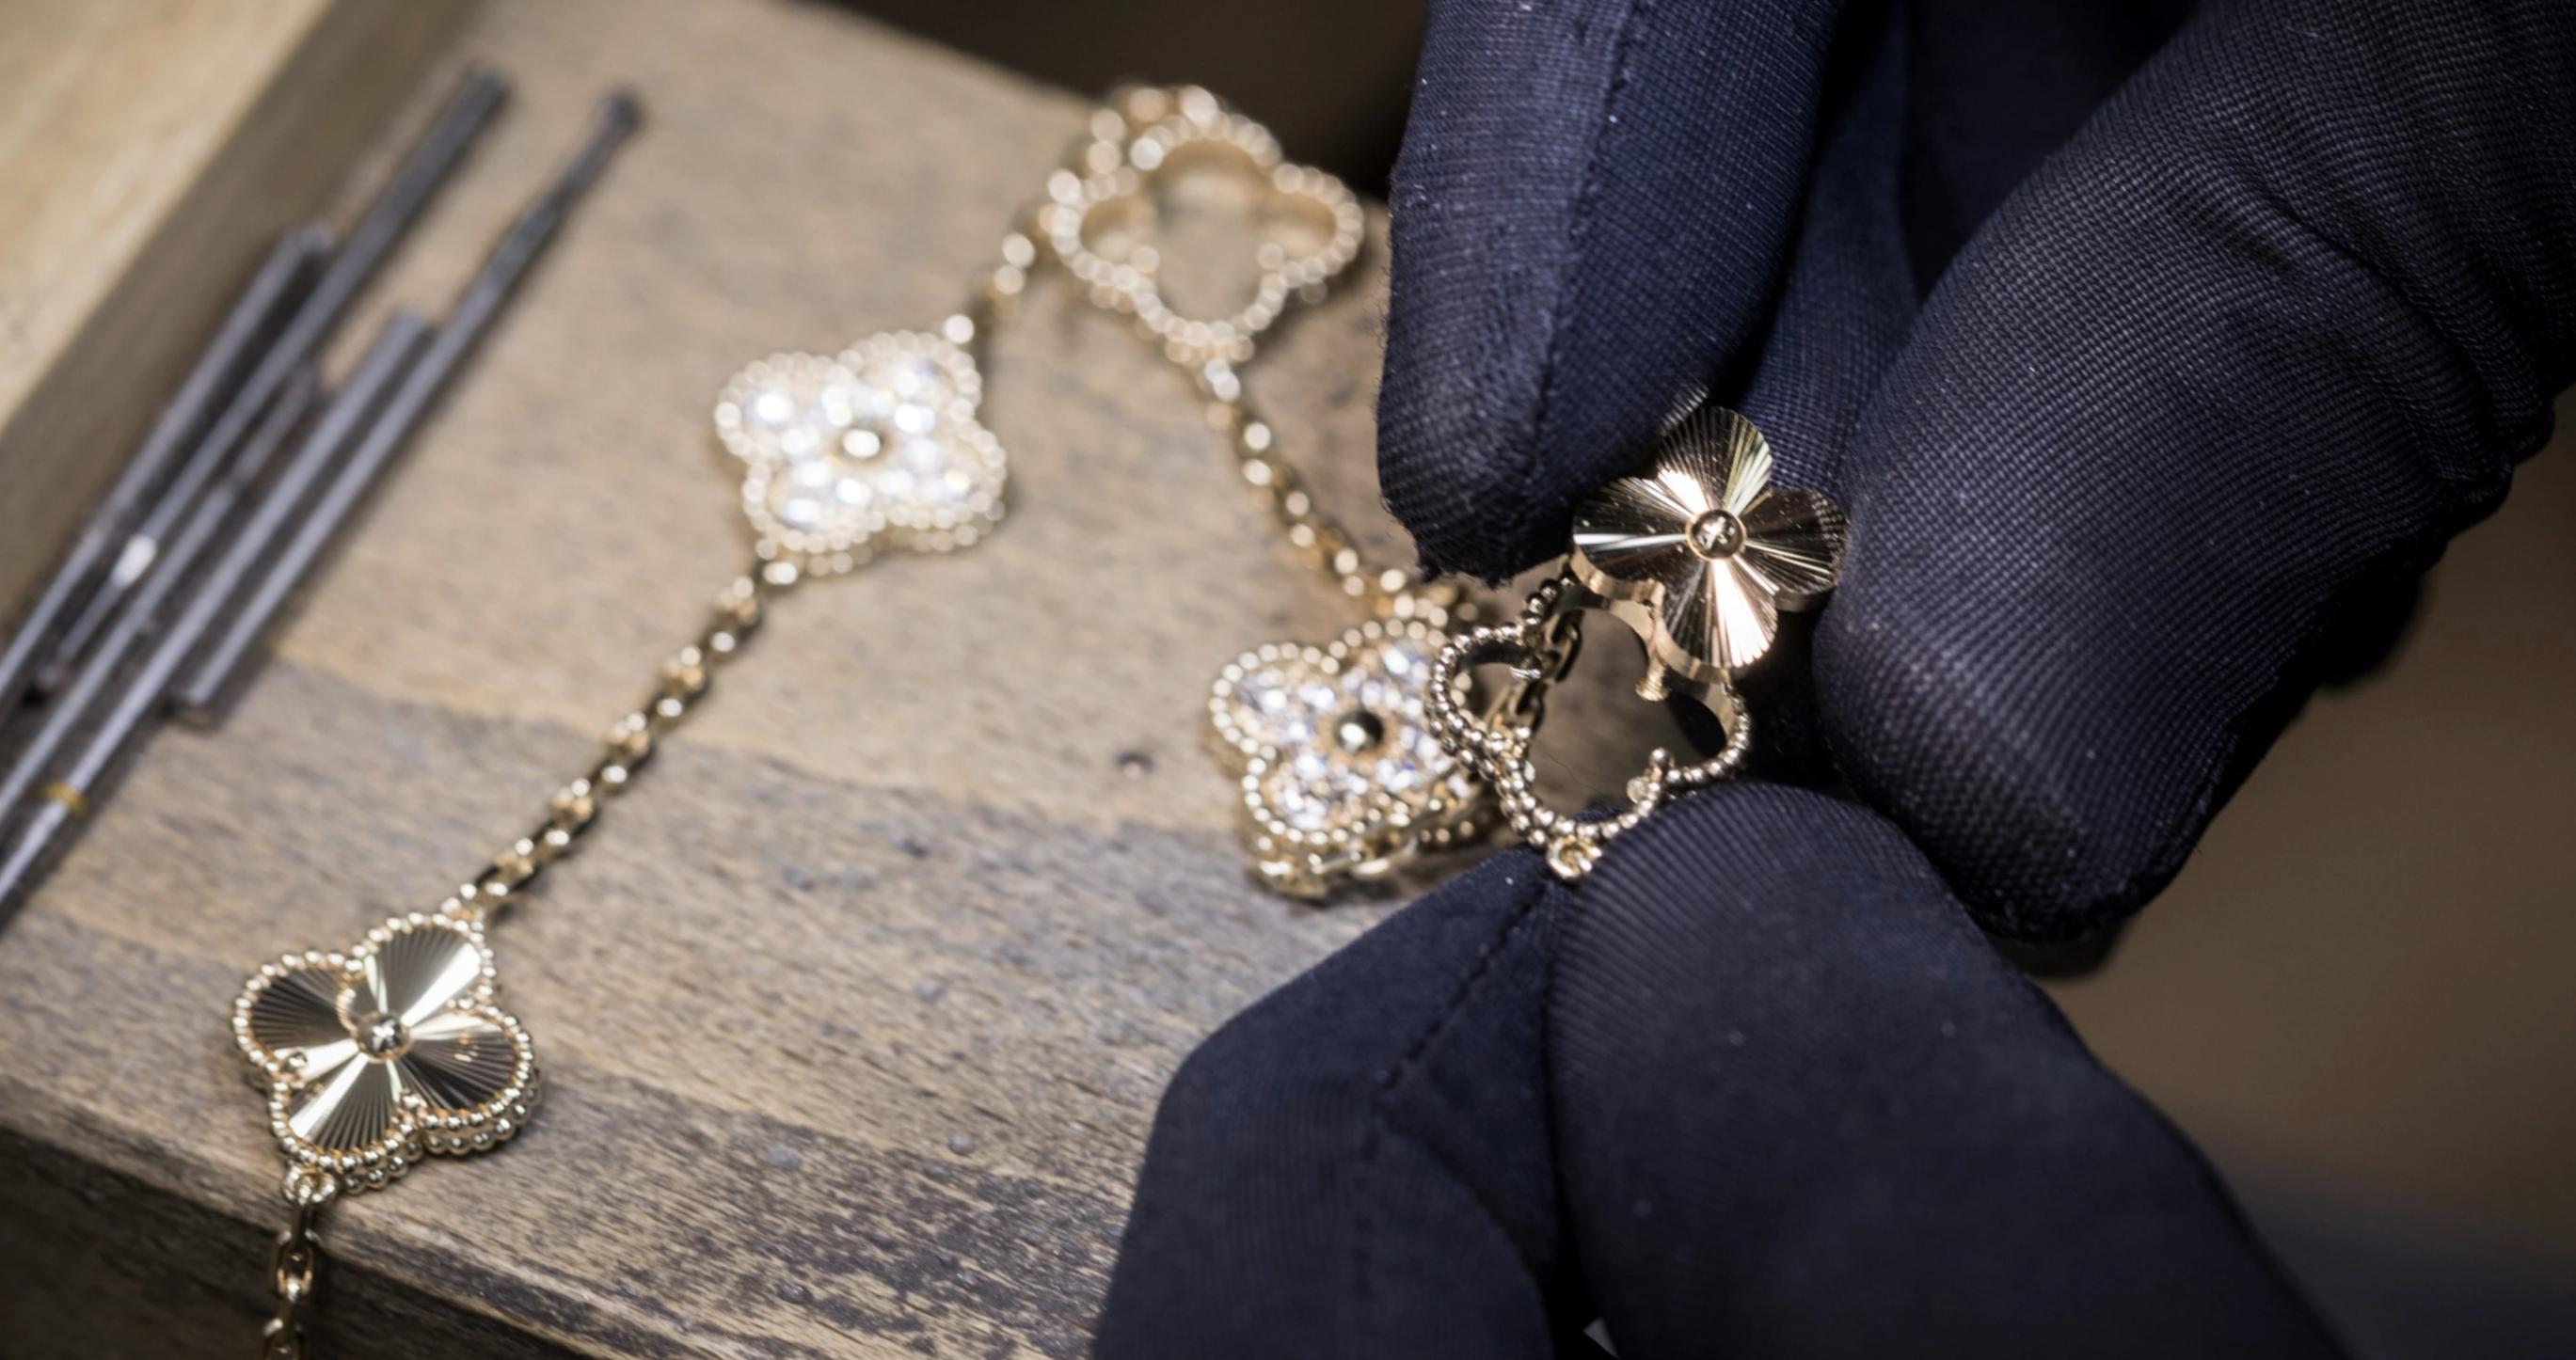 'Frivole' de Van Cleef & Arpels: joyas florales con 'savoir faire'